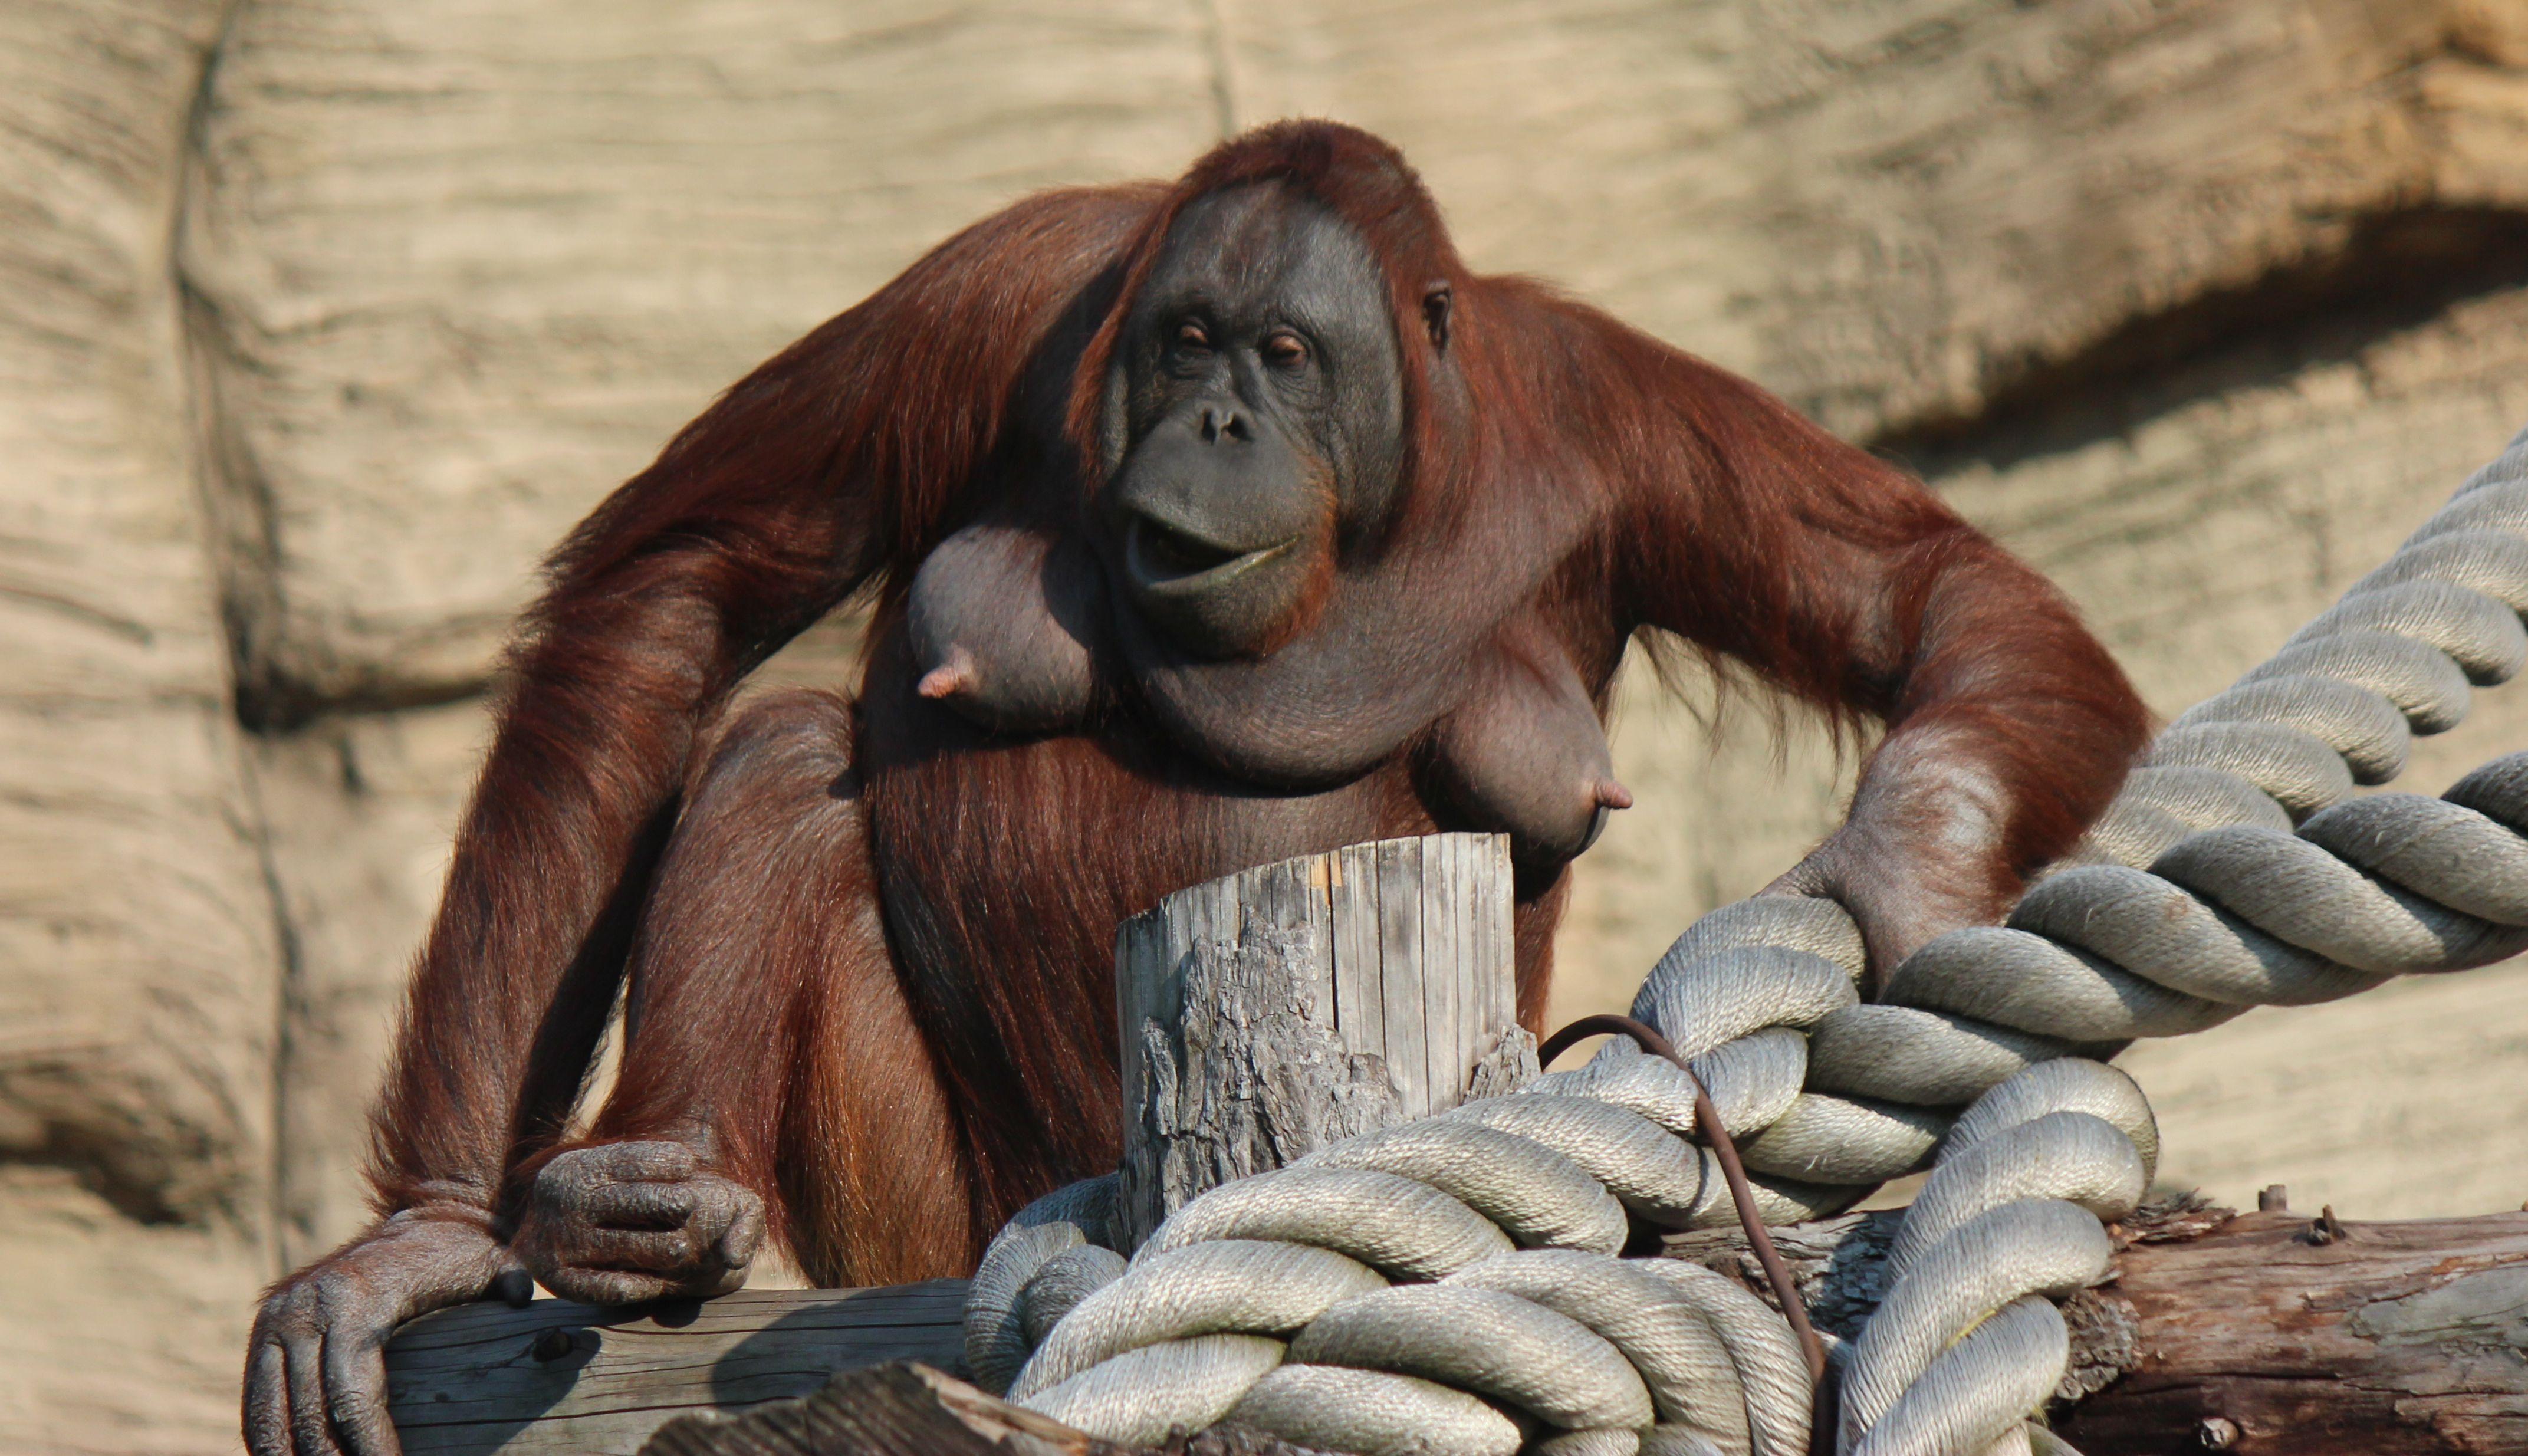 Orangutan female. Moscow zoo.